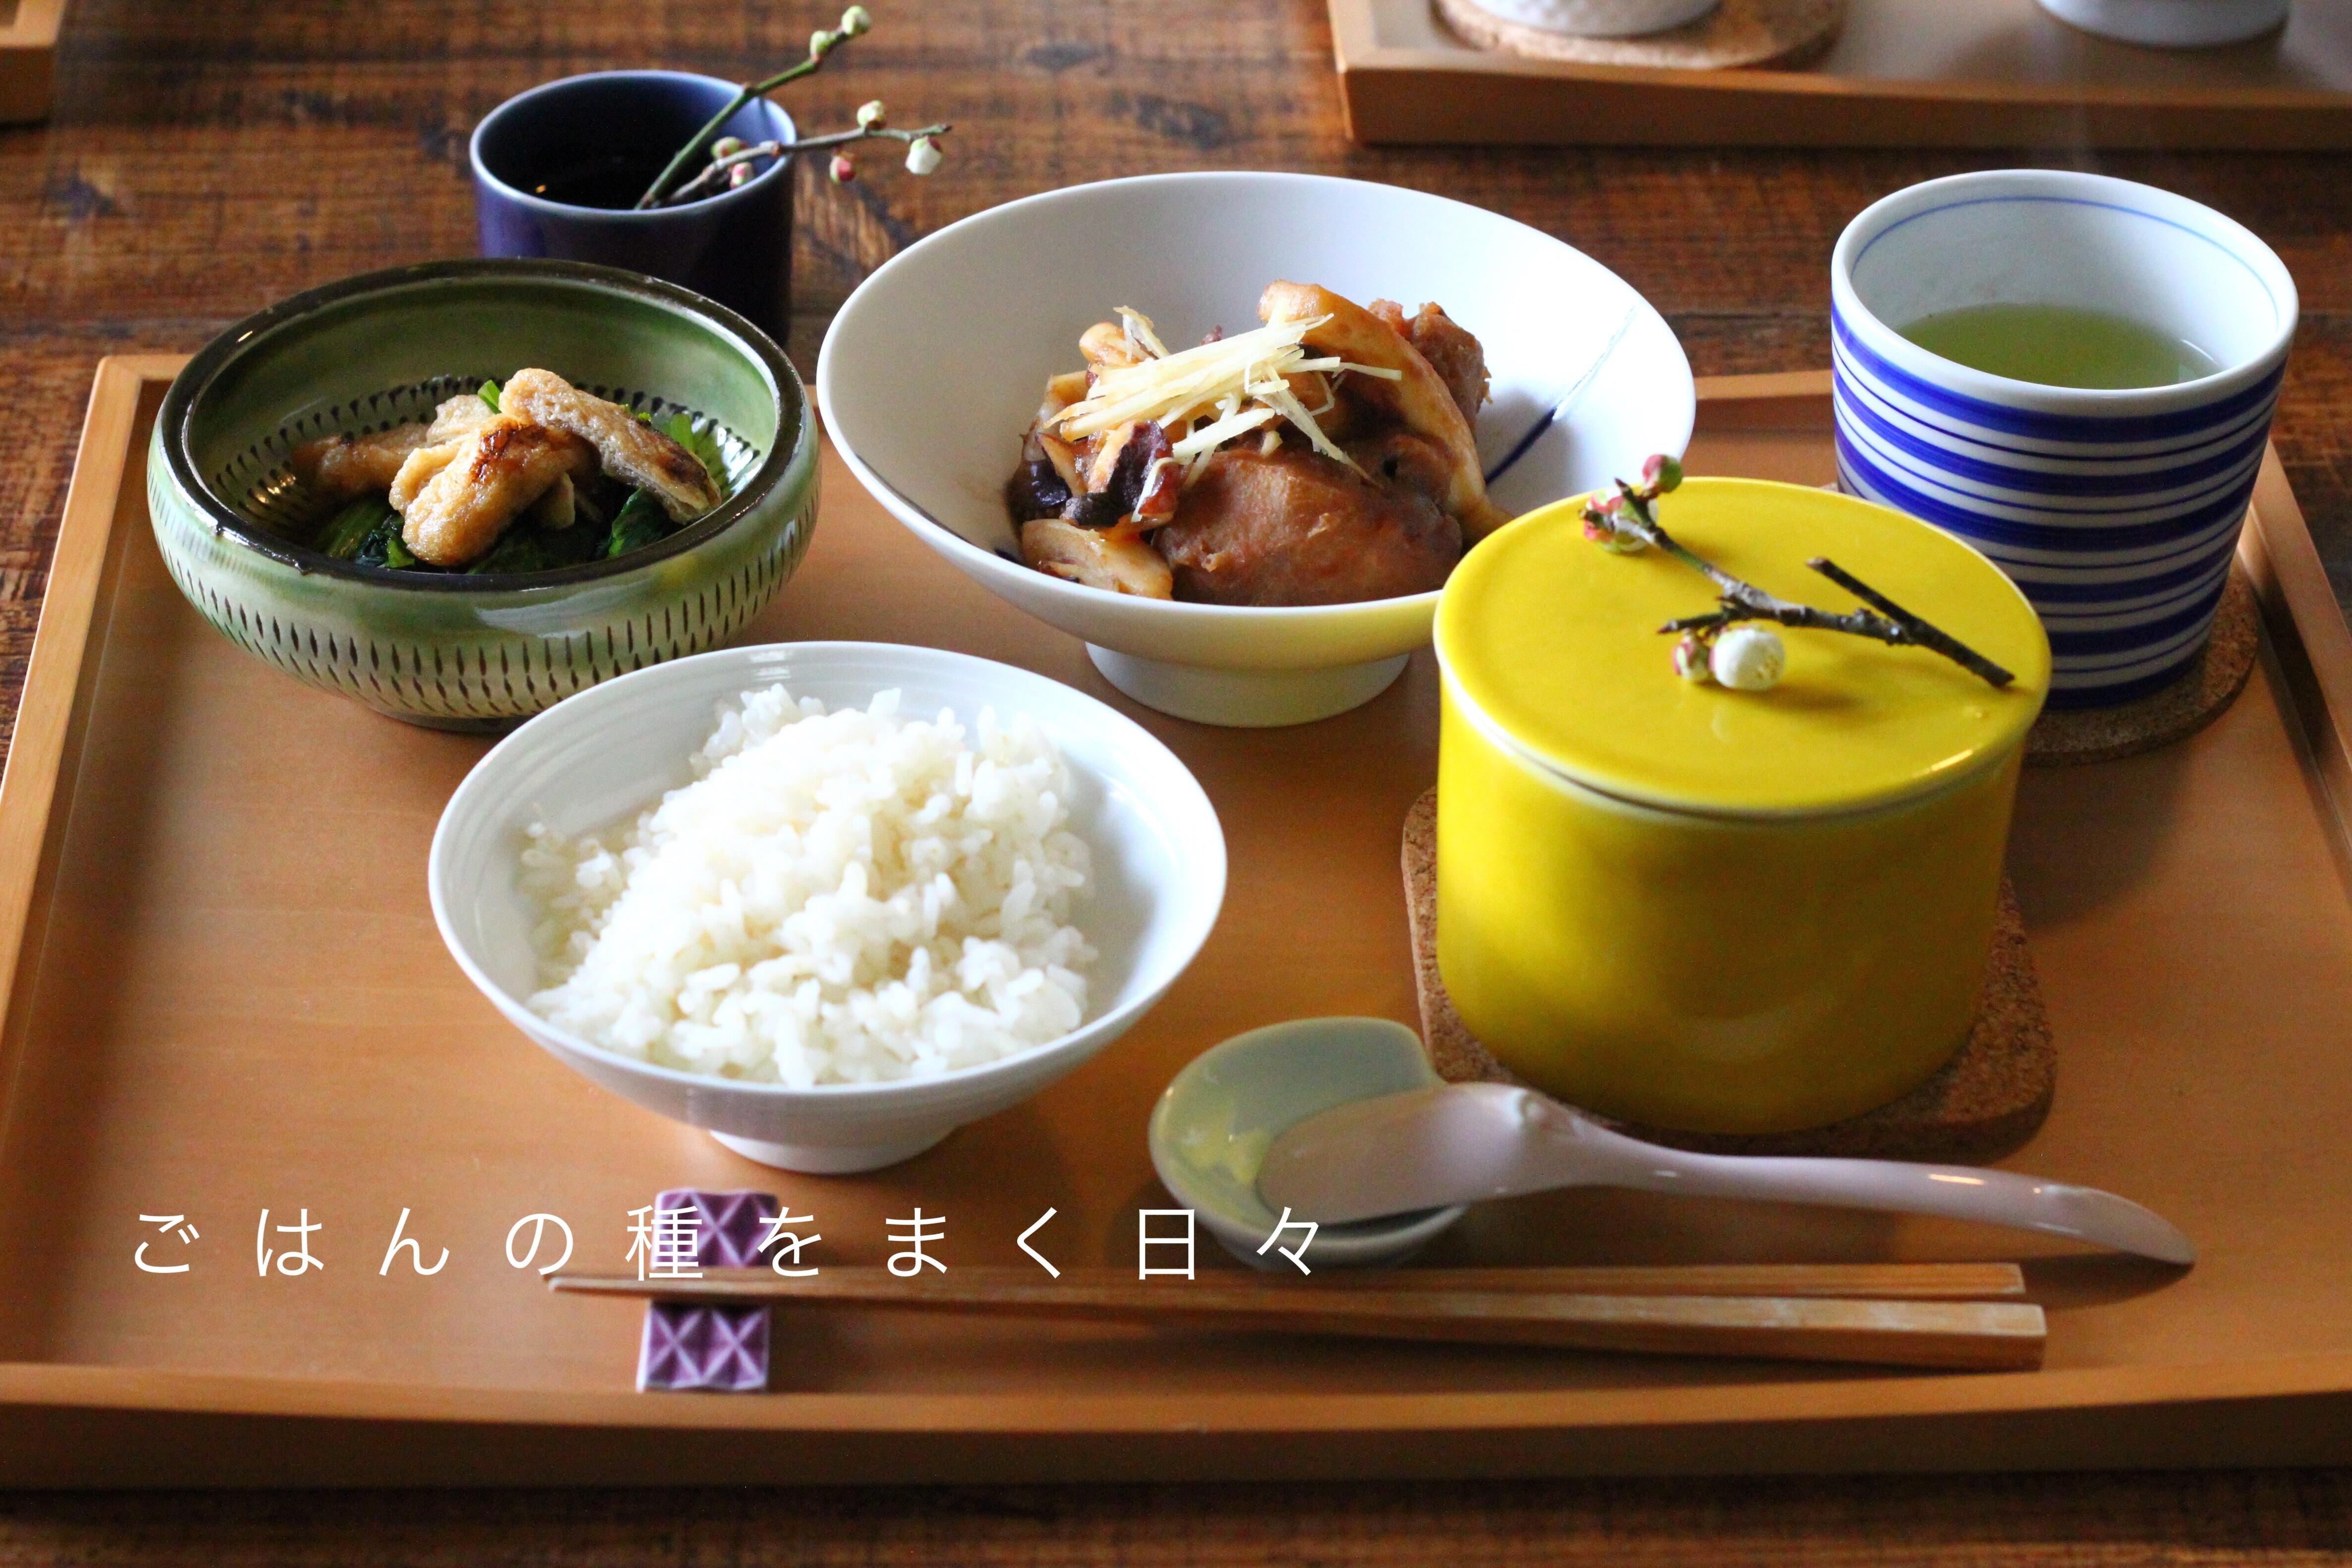 1月の基礎料理講座Ⅱ  のお稽古は和食でした